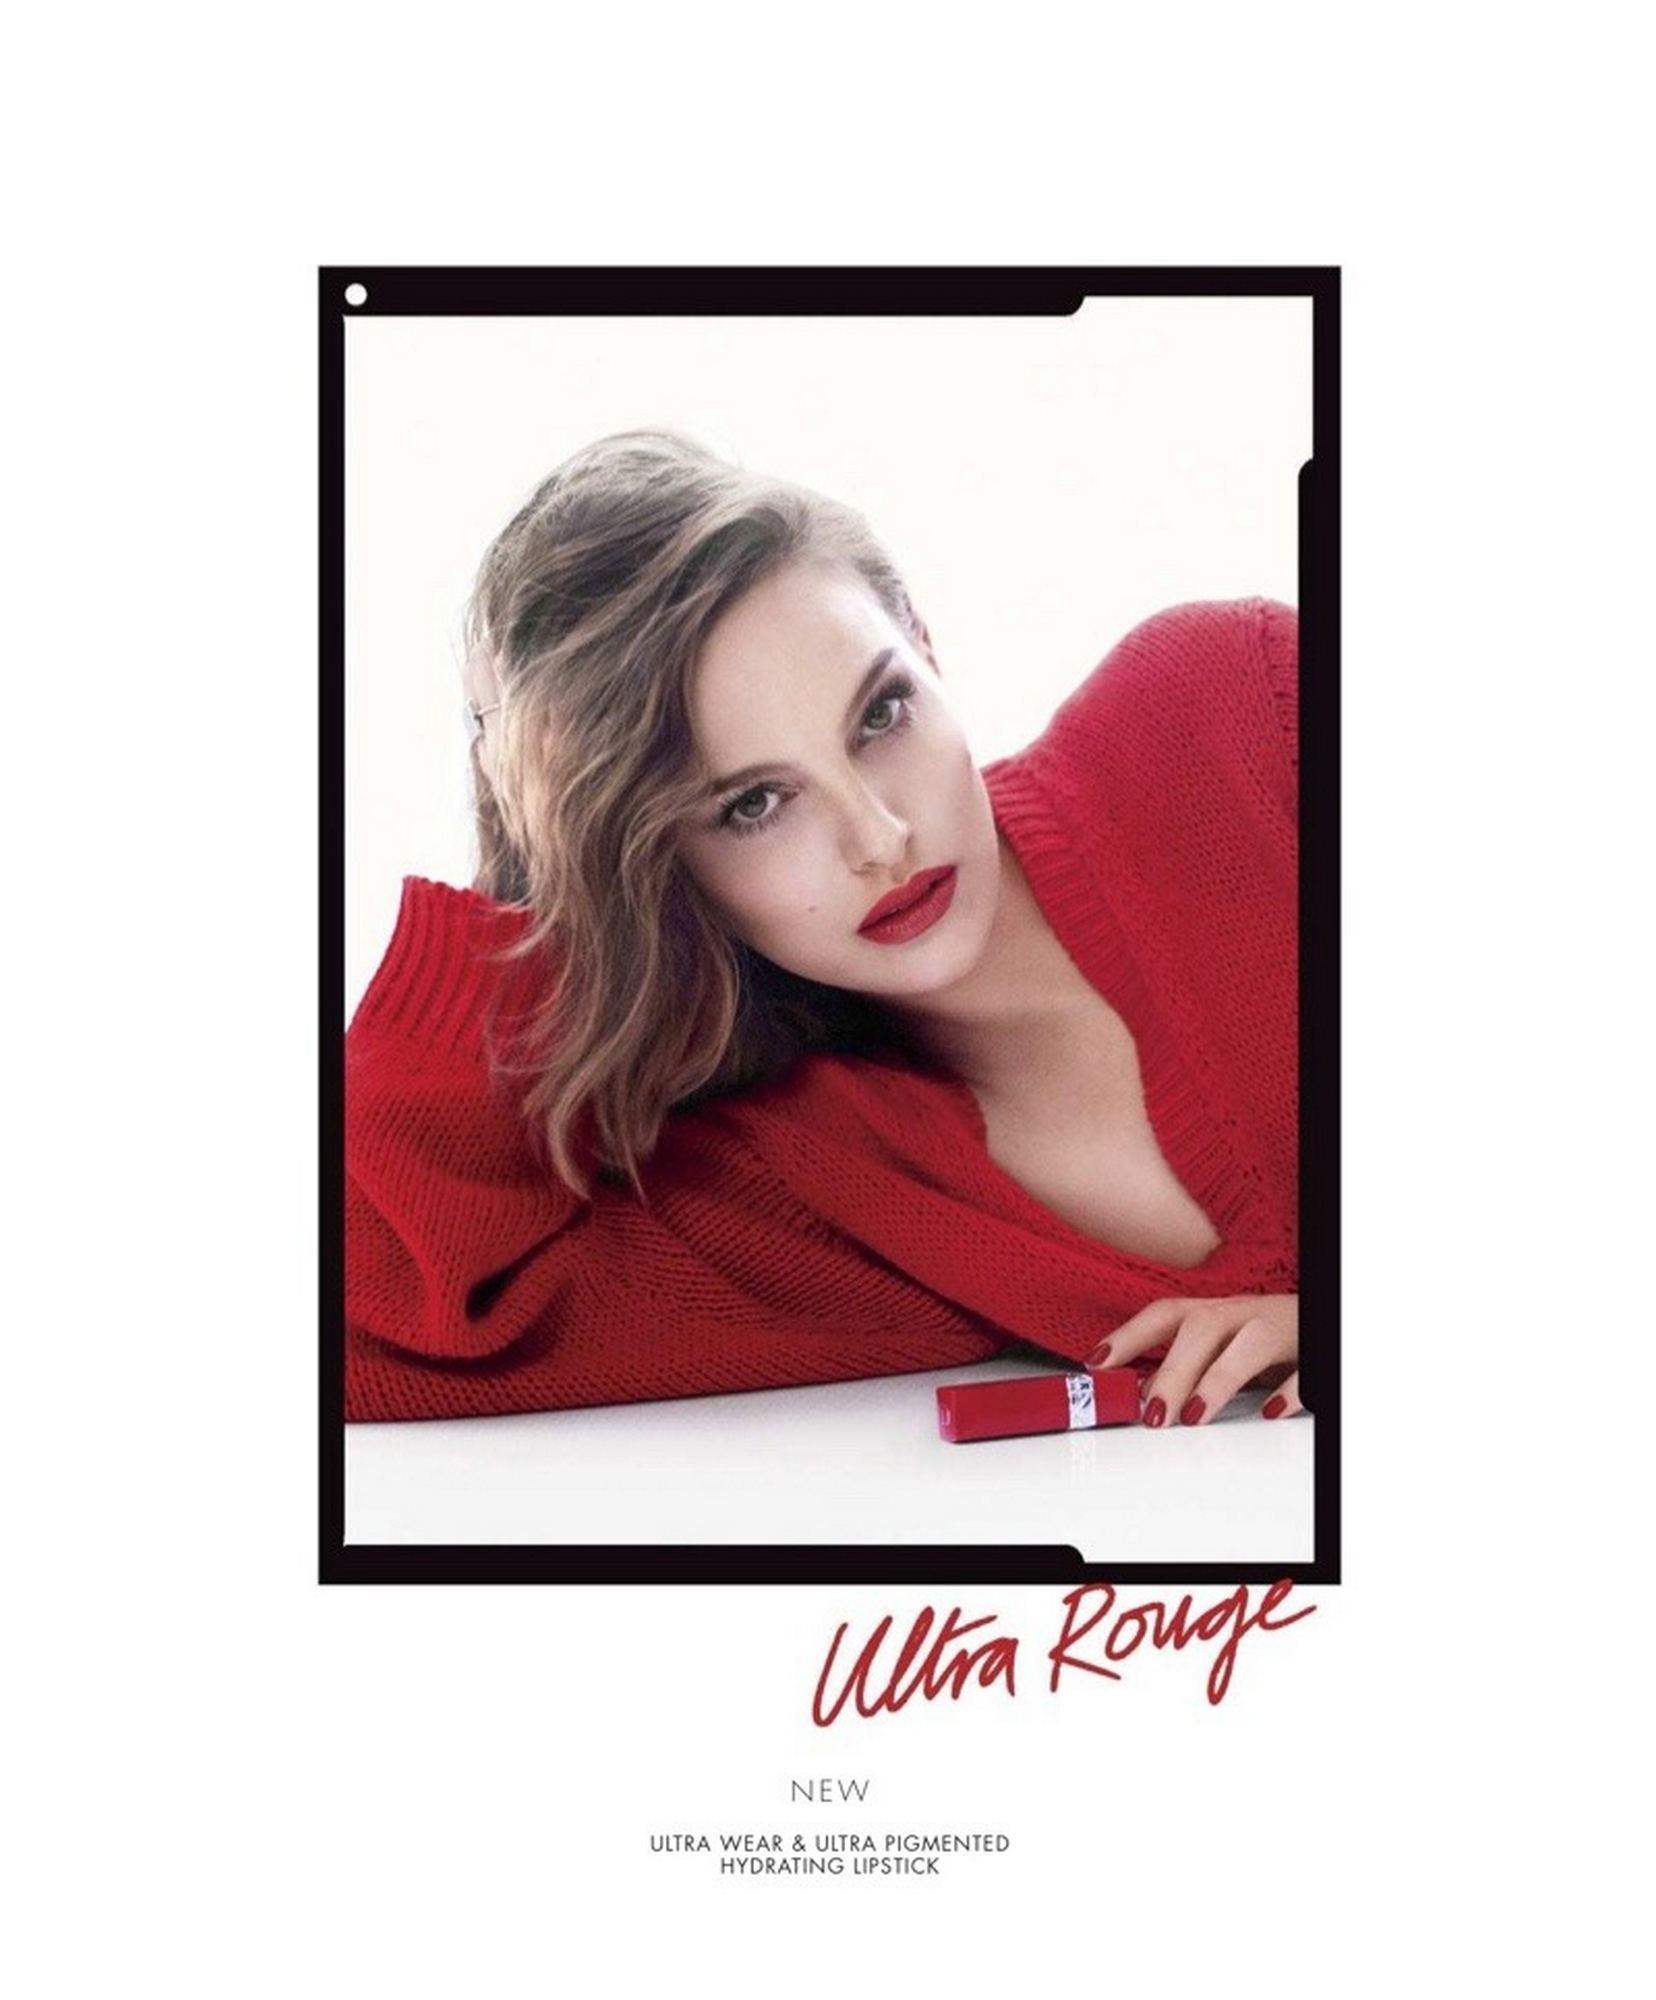 Natalie-Portman-Rouge-Dior-Ultra-Rouge-2018Natalie-Portman-Rouge-Dior-Ultra-Rouge-20185786a1954092184.jpg